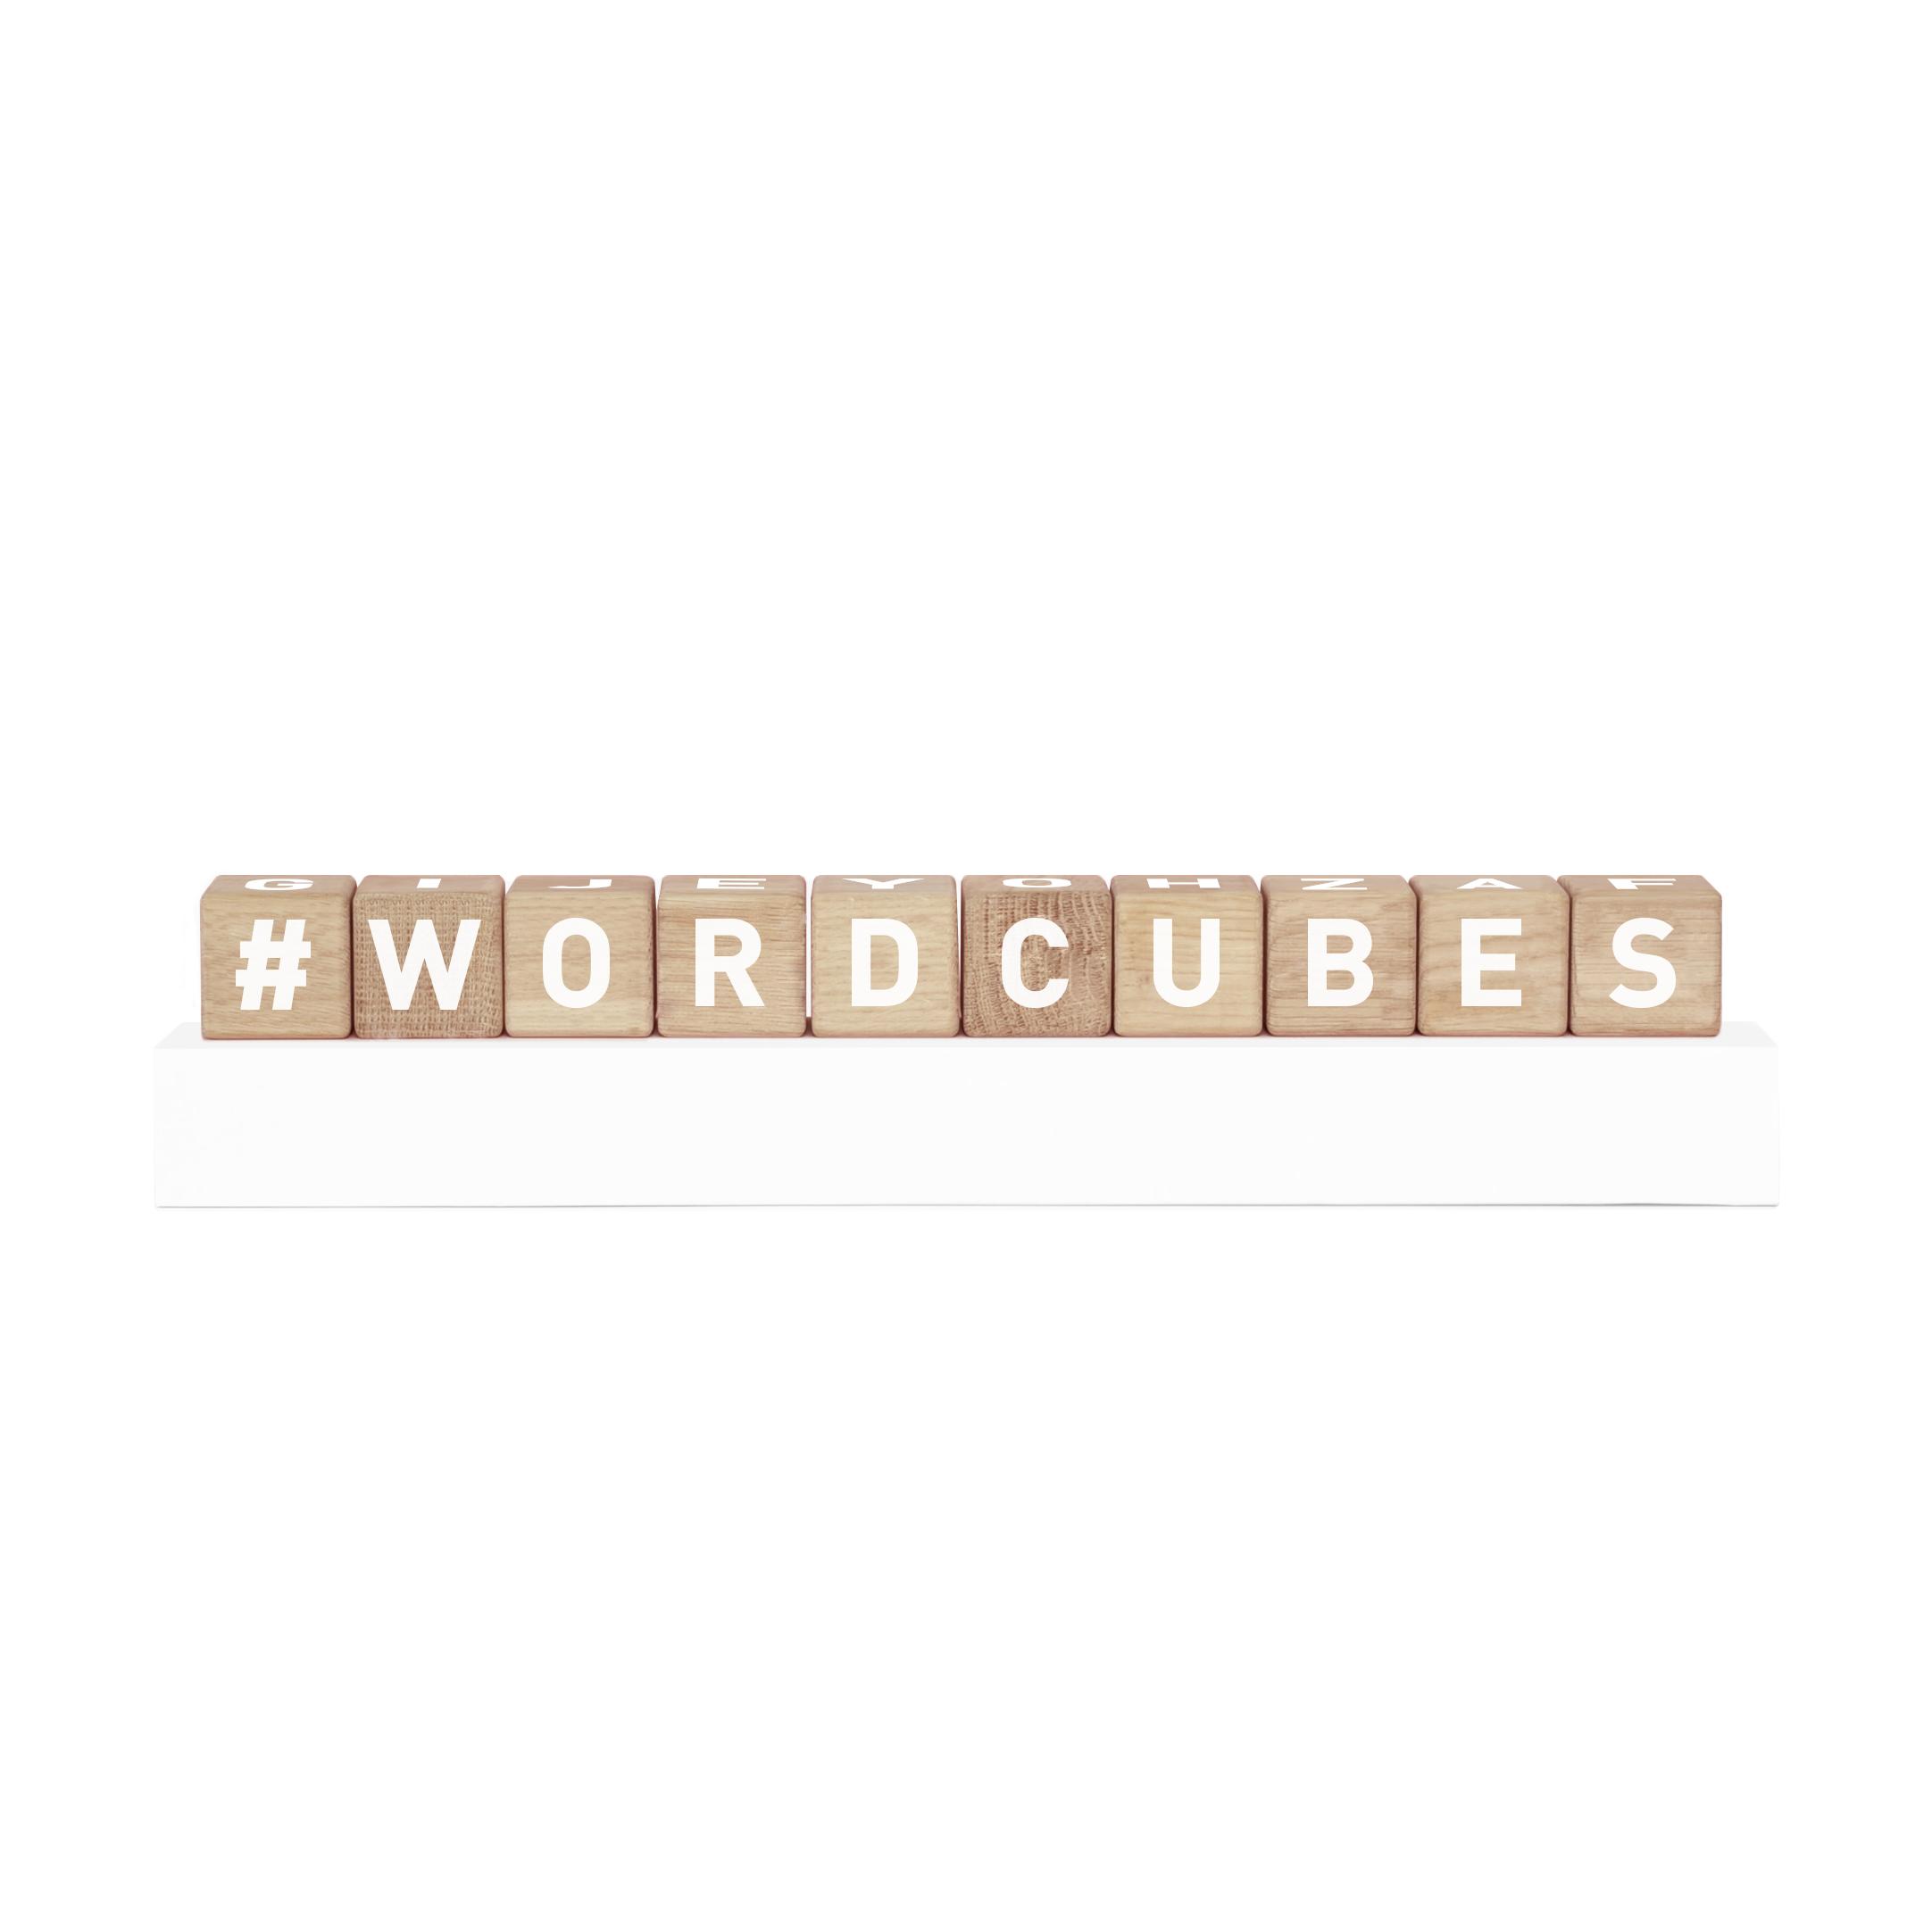 Word cubes, kuber eller klossar i träslaget ek med vita bokstäver och tecken